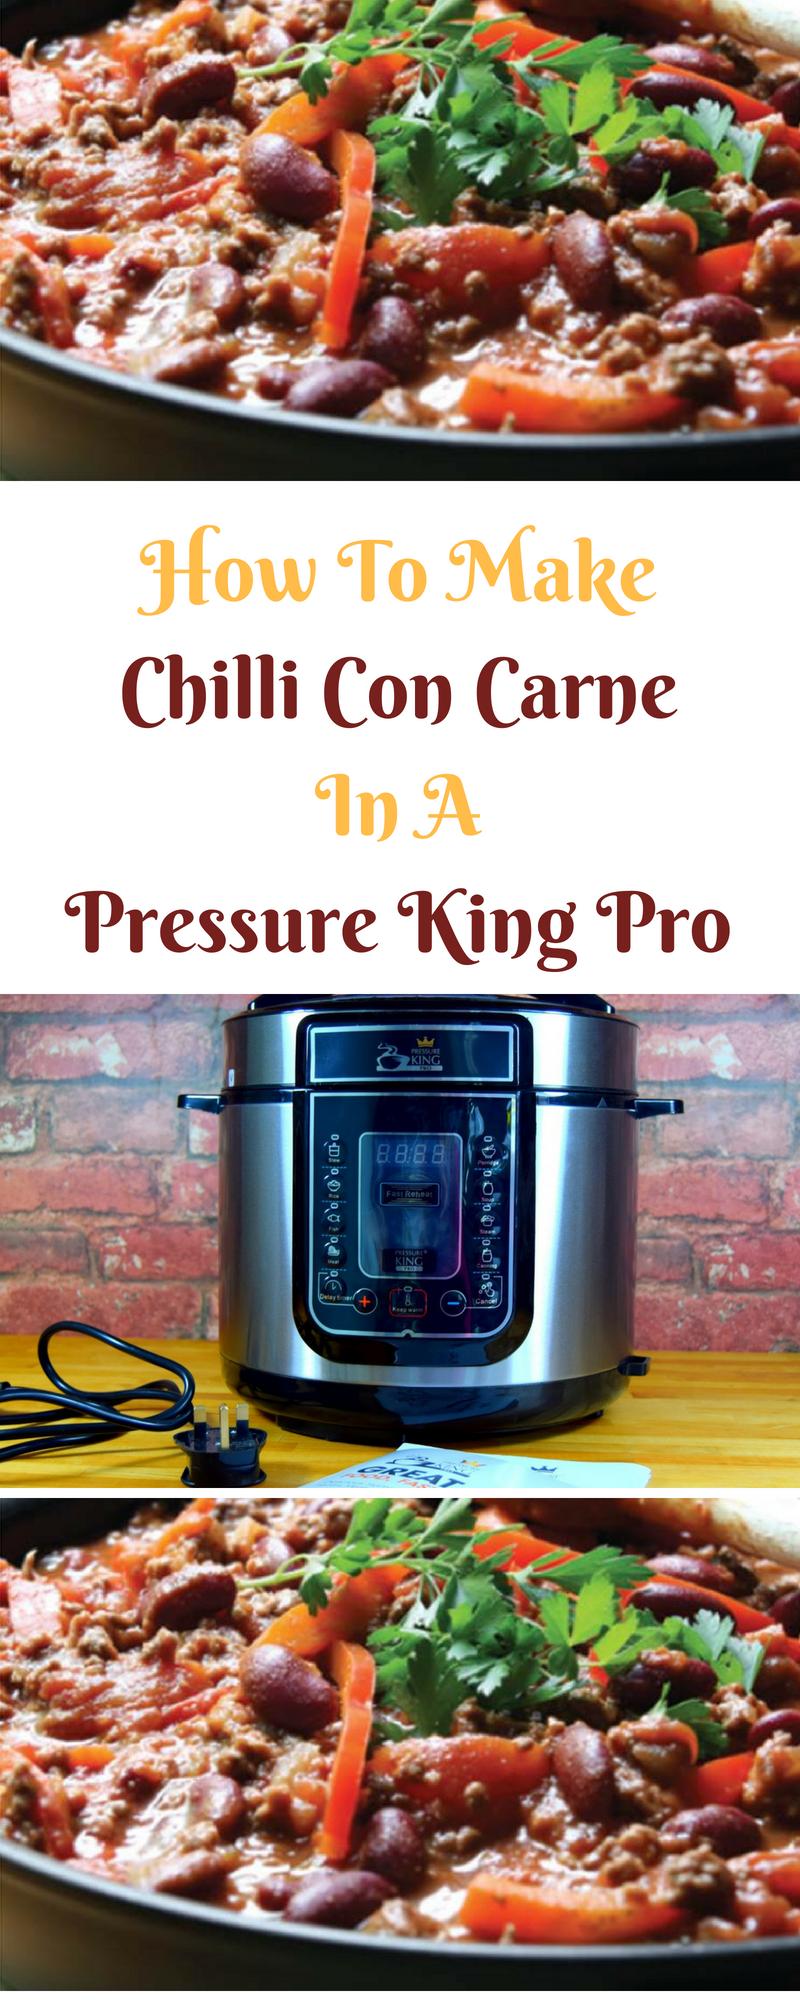 Pressure King Pro Recipe: Chilli Con Carne